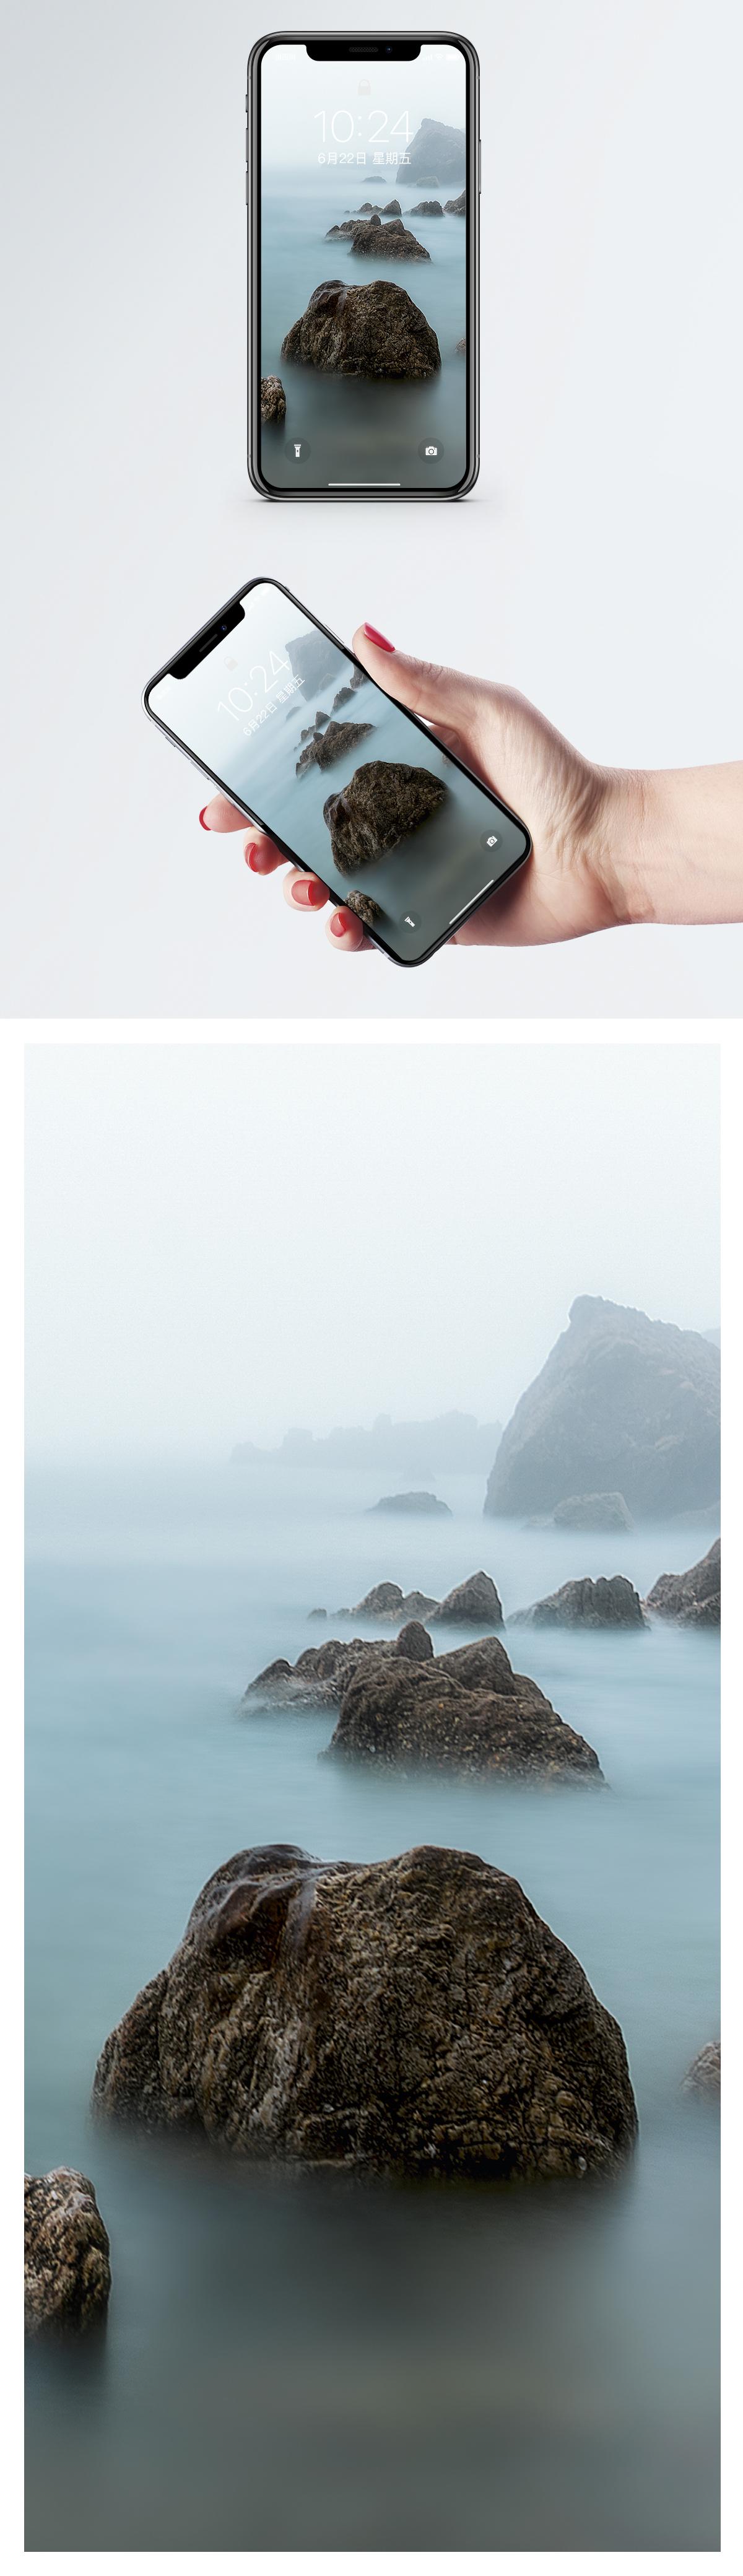 51+ Gambar Air Terjun Kertas Paling Bagus